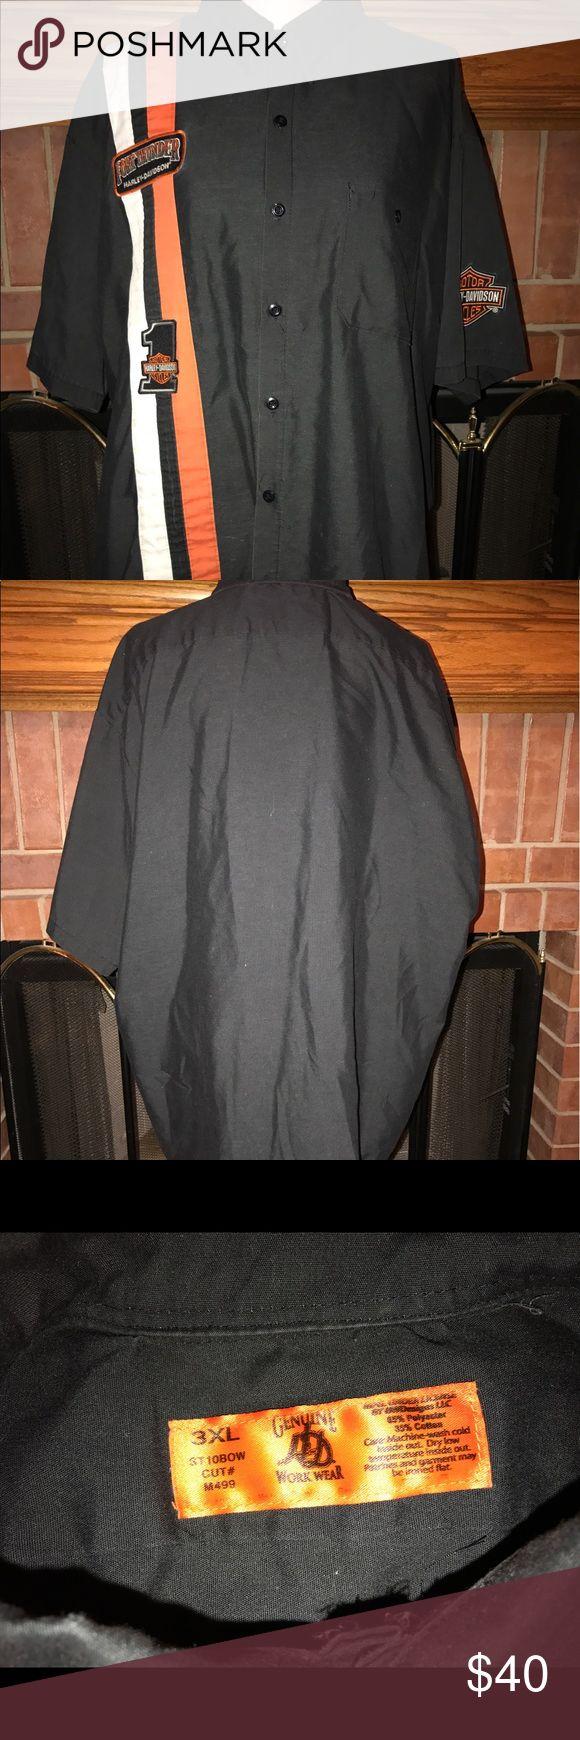 Men's Harley Davidson shop shirt Fort Thunder Harley Davidson shop shirt. Good condition! 65% polyester, 35% cotton. Size 3XL. NO TRADES! #93 Harley-Davidson Shirts Tees - Short Sleeve